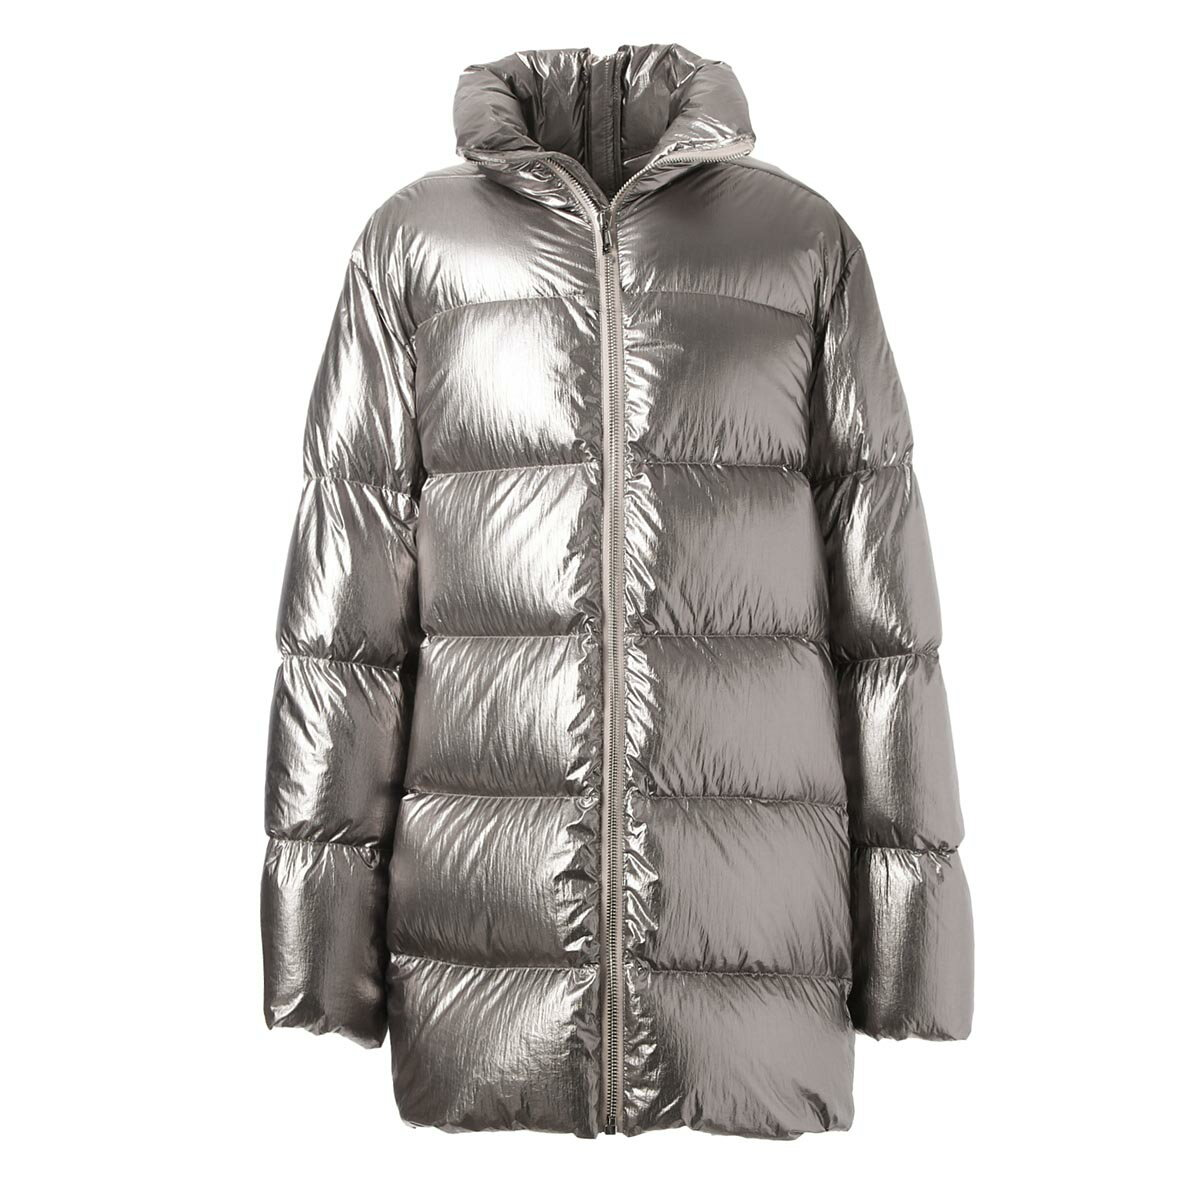 メンズファッション, コート・ジャケット 1 MONCLER cyclopic 1c50200 c0634 920 CYCLOPIC MONCLER RICK OWENS